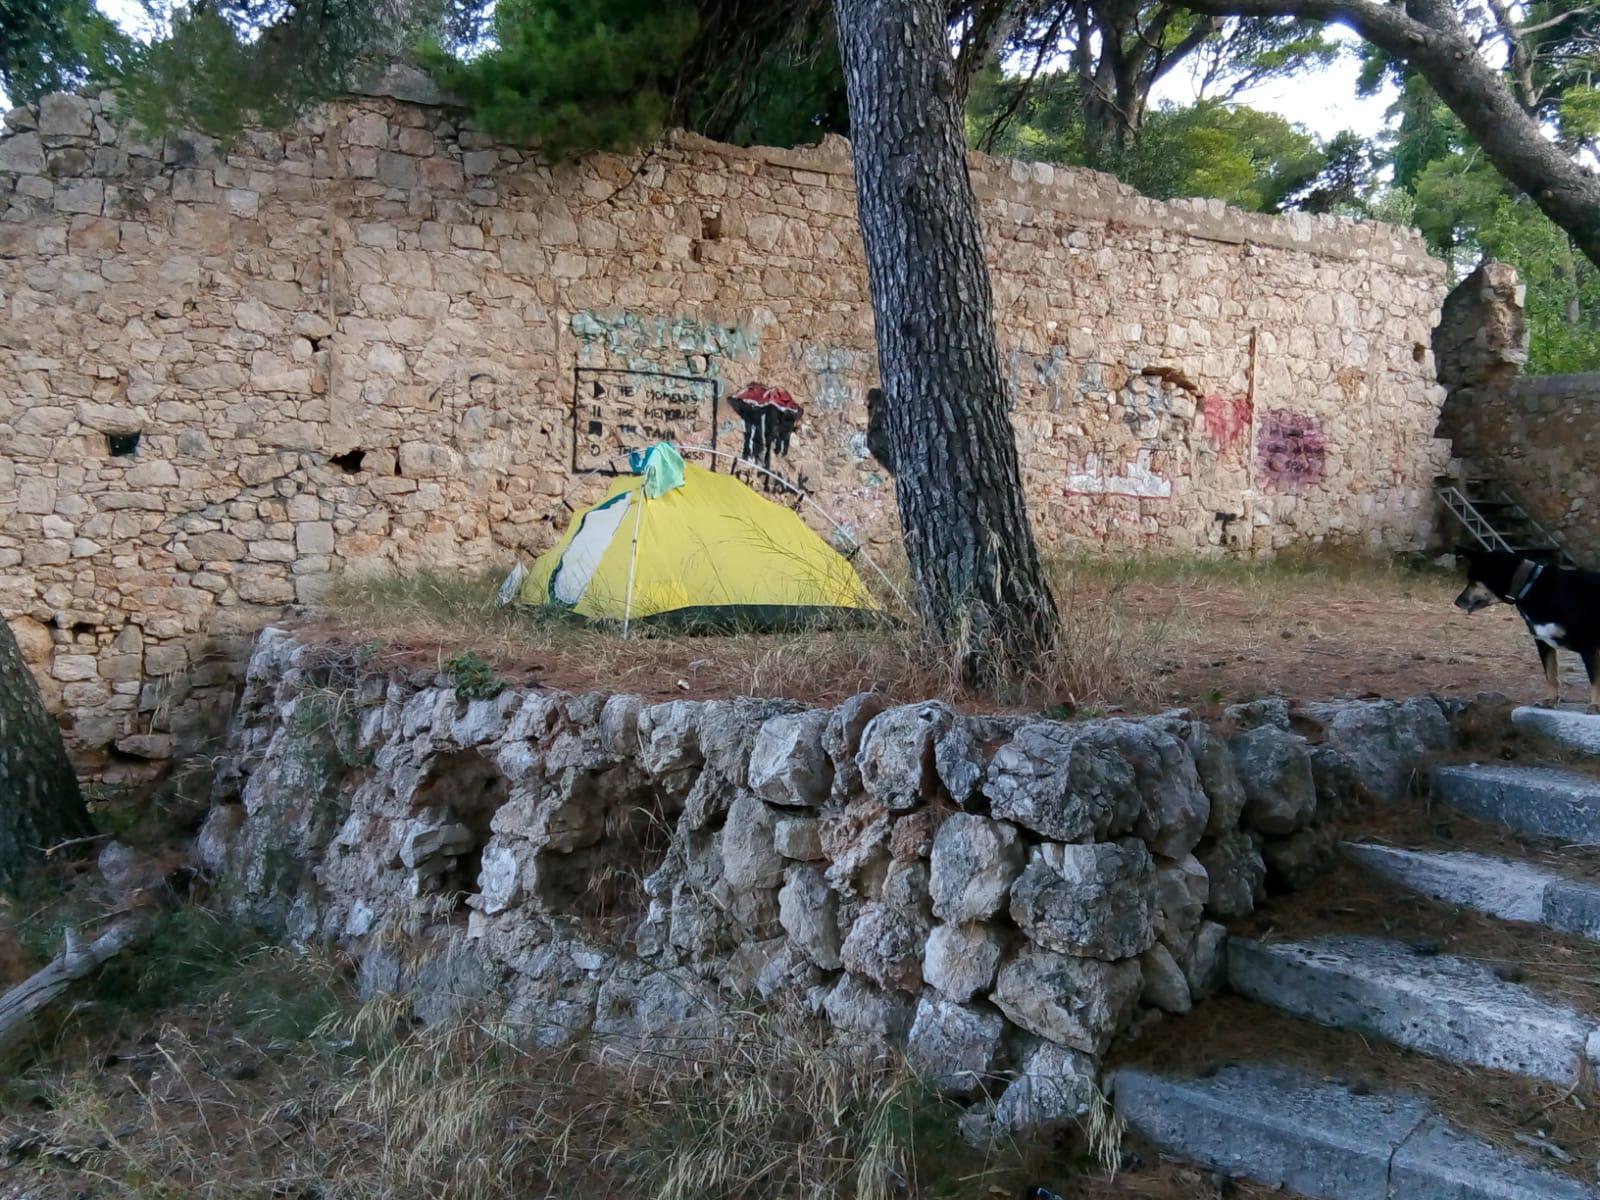 Šatoraši i ovog ljeta rado pohode dubrovačke parkove i druge javne površine